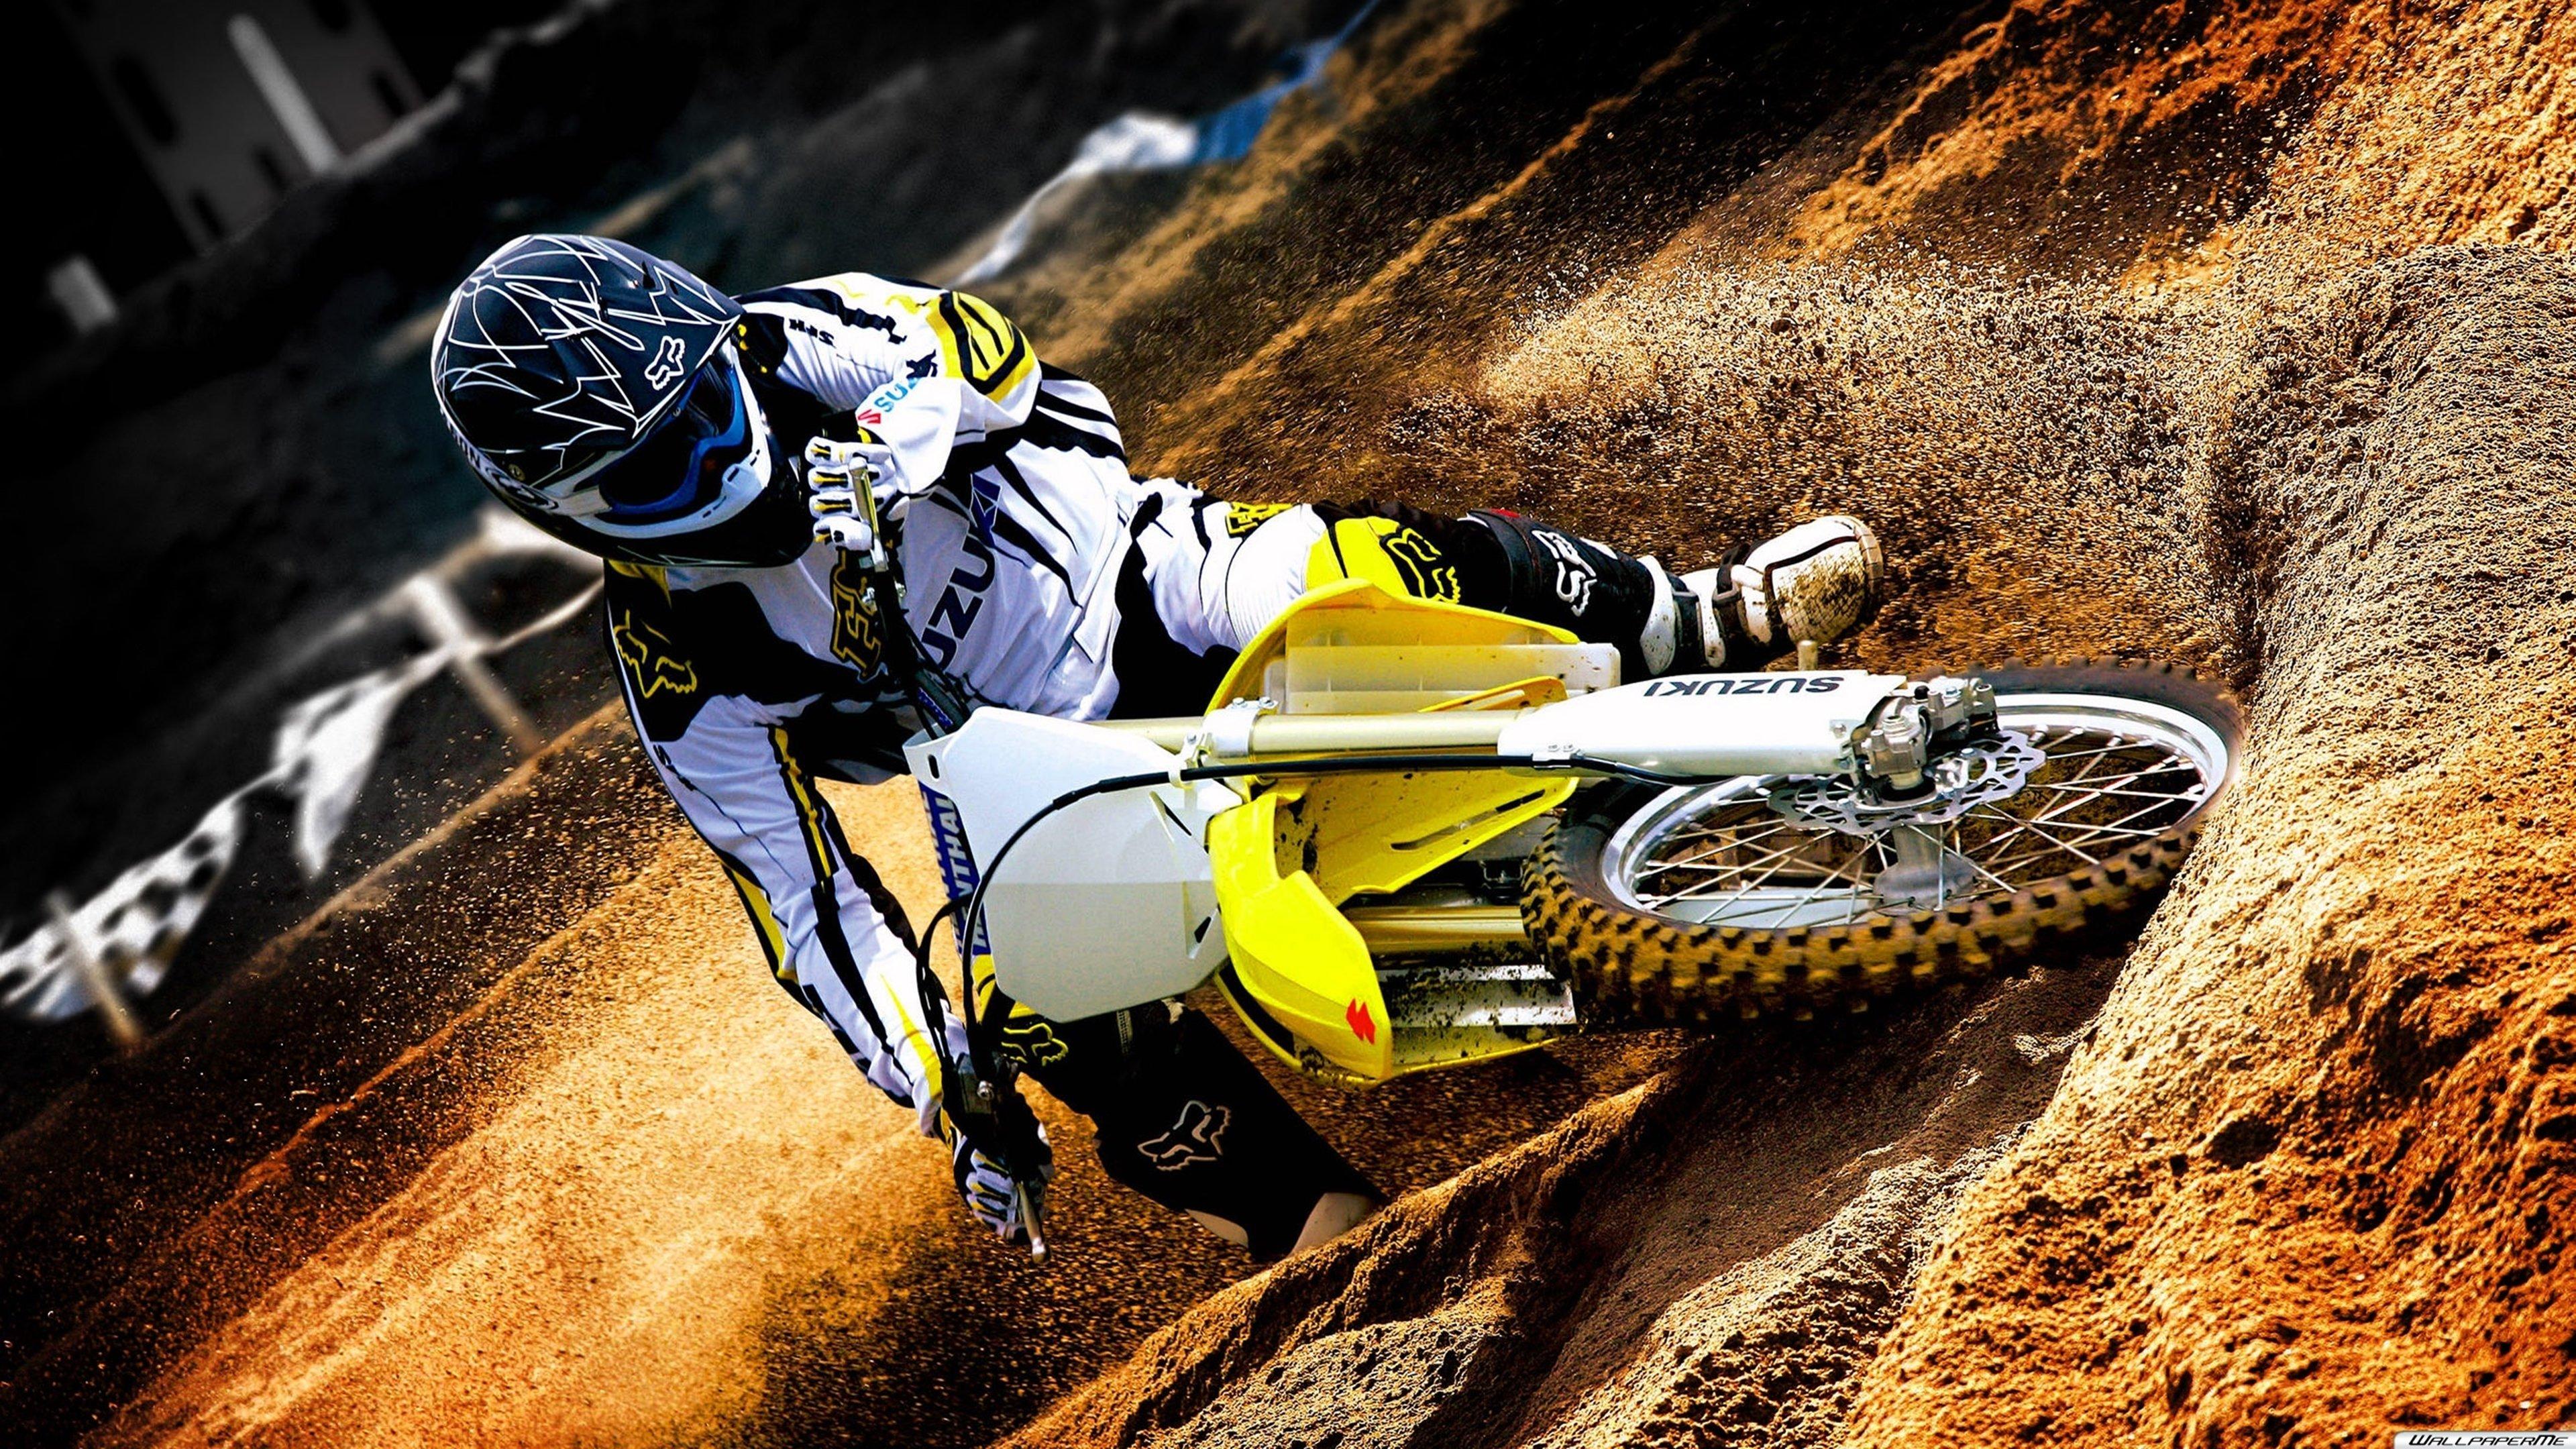 Игры гонки на кроссовых мотоциклах скачать telefonrkit.